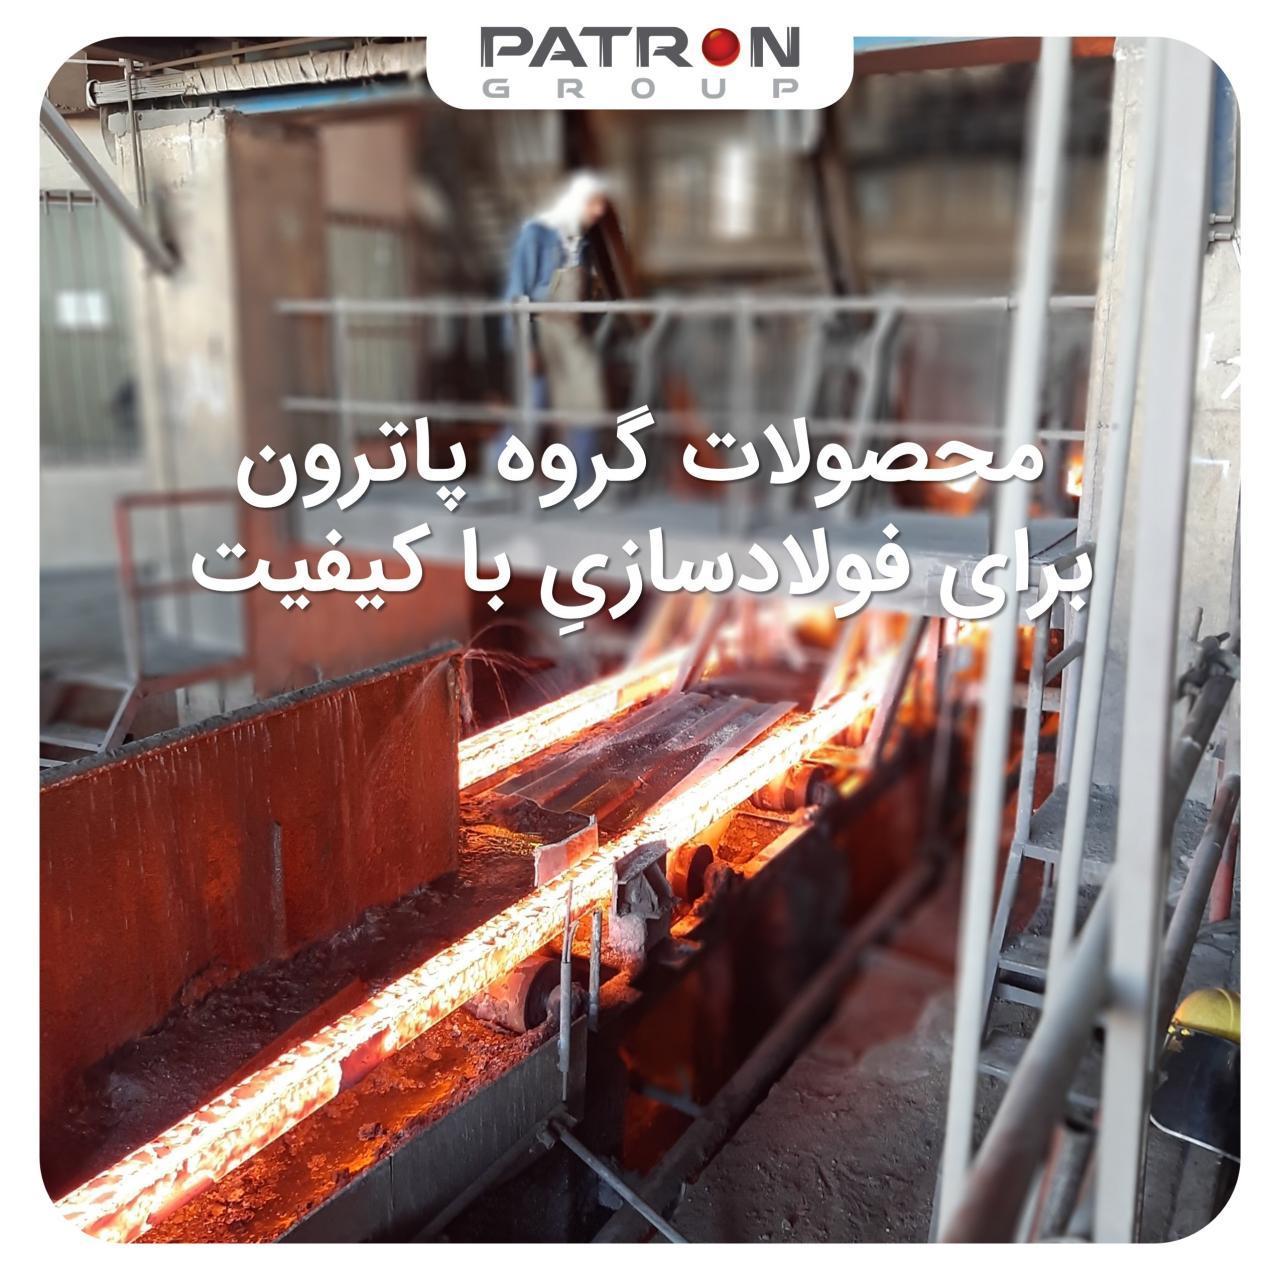 محصولات کیفی نسوز برای فولادسازی کیفی